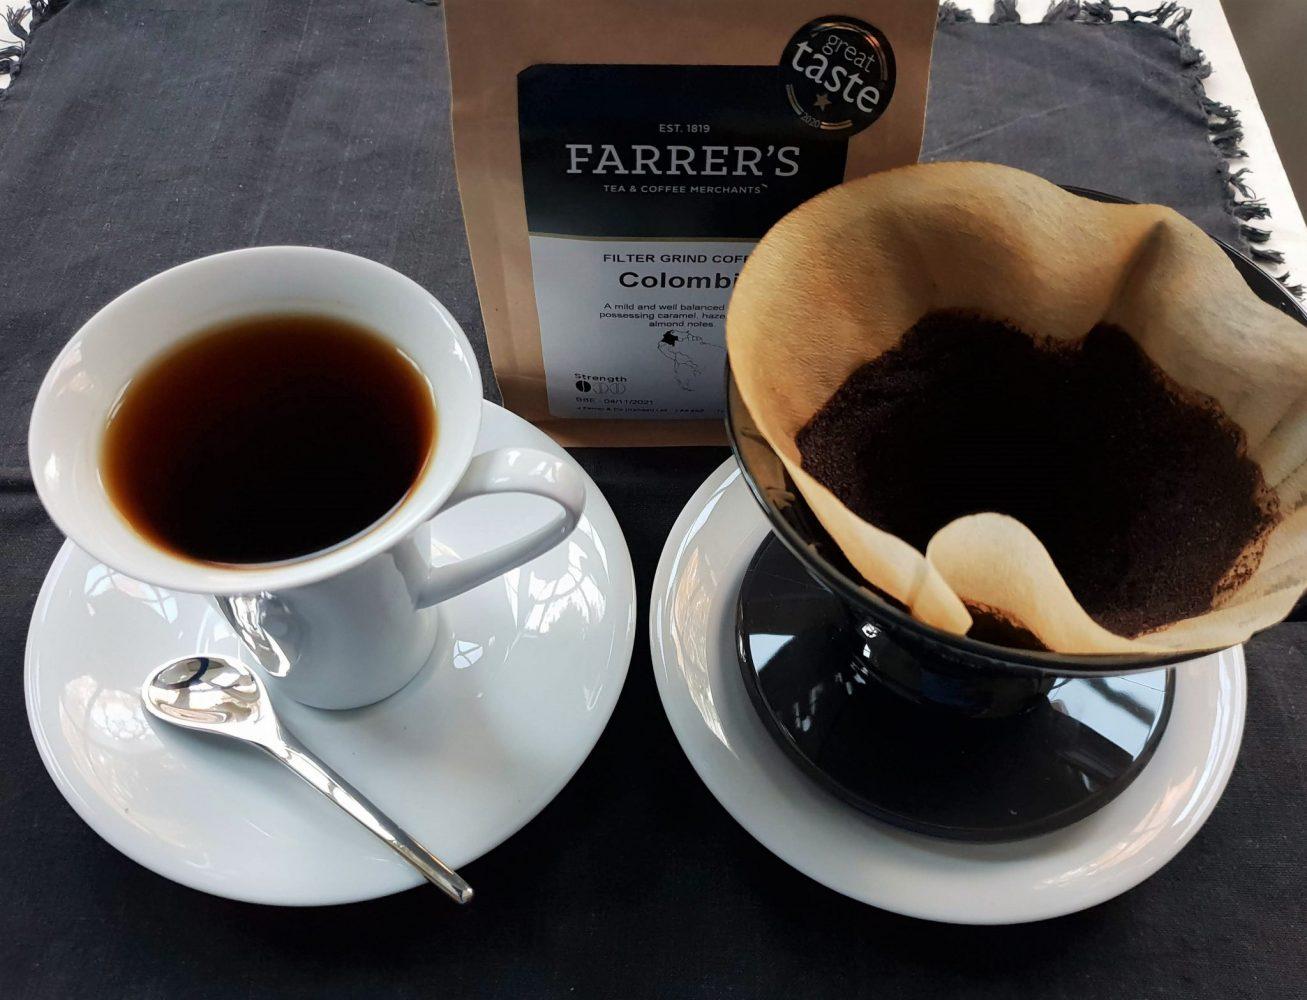 Farrer's Colombian coffee